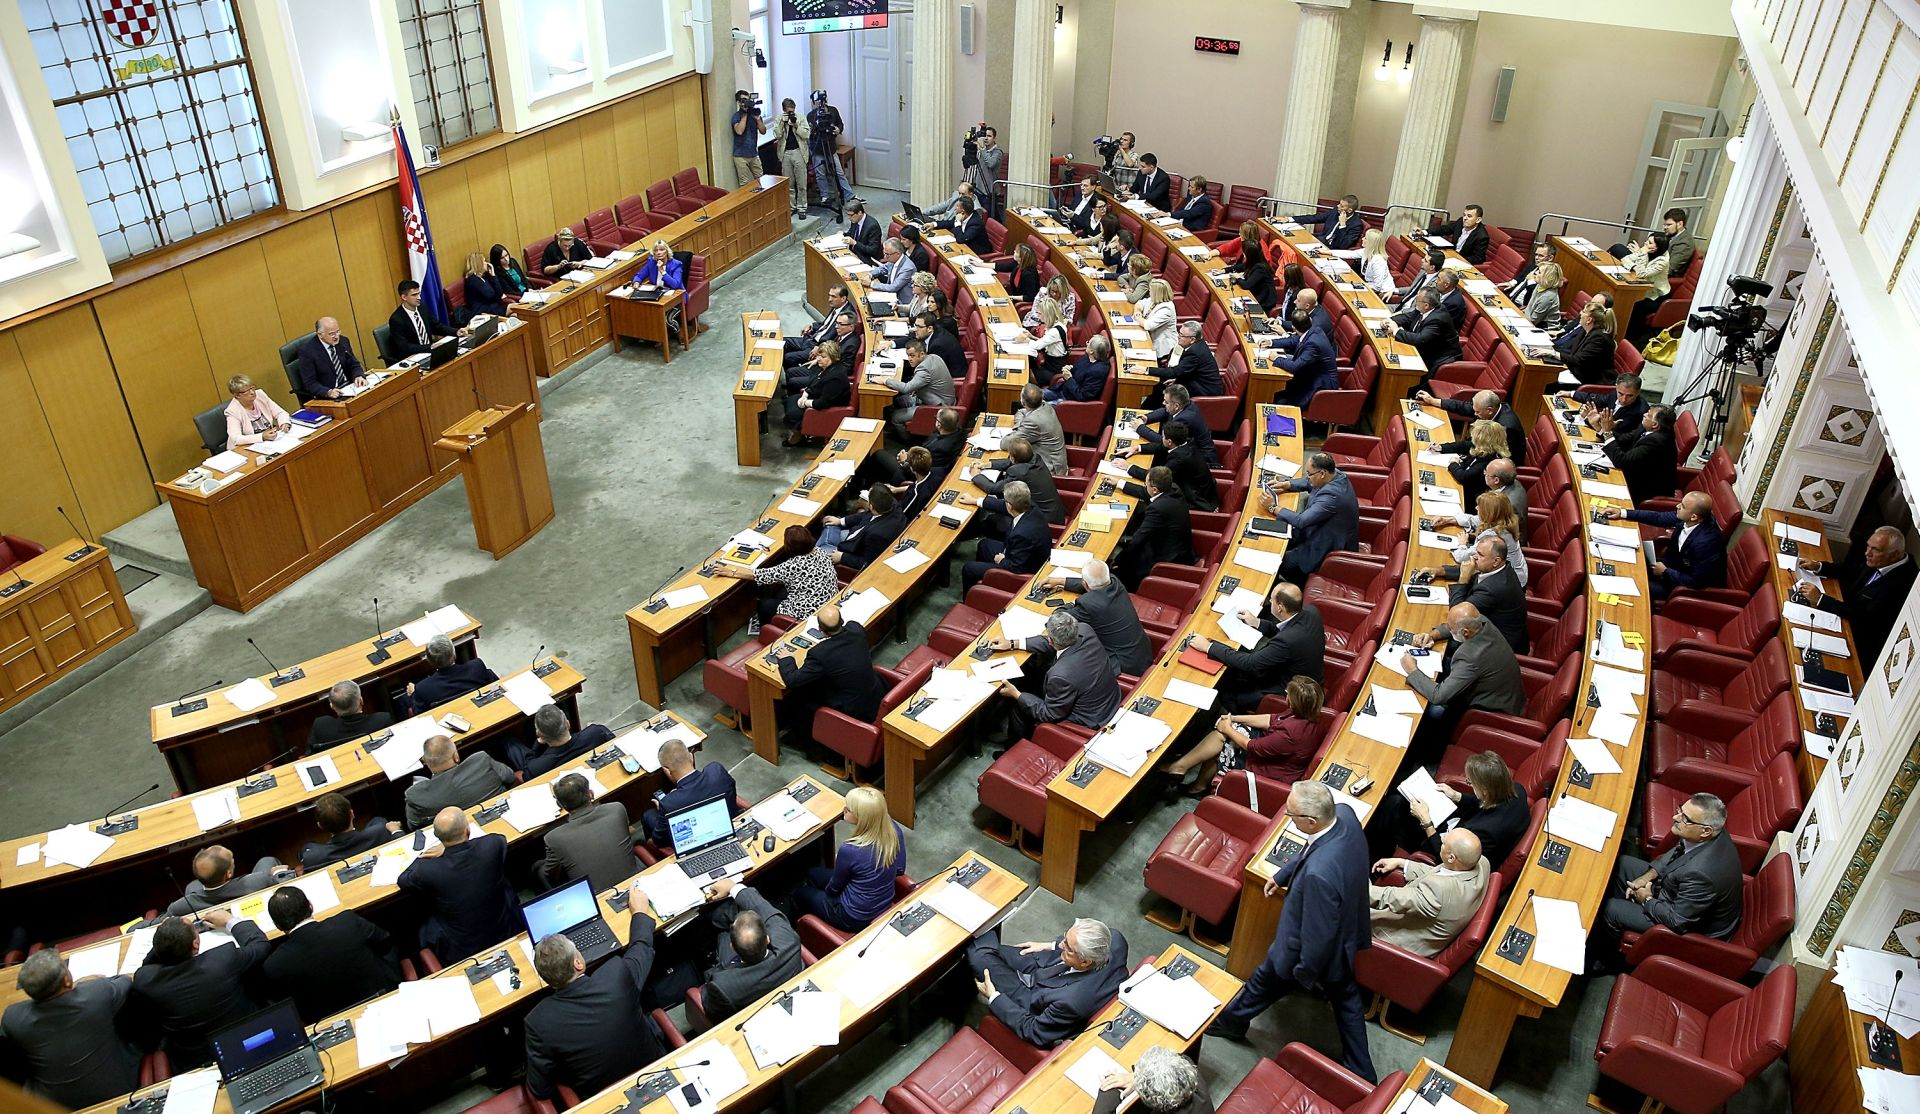 SABOR: Stanka zbog odluke Ustavnog suda, zloporabe položaja …